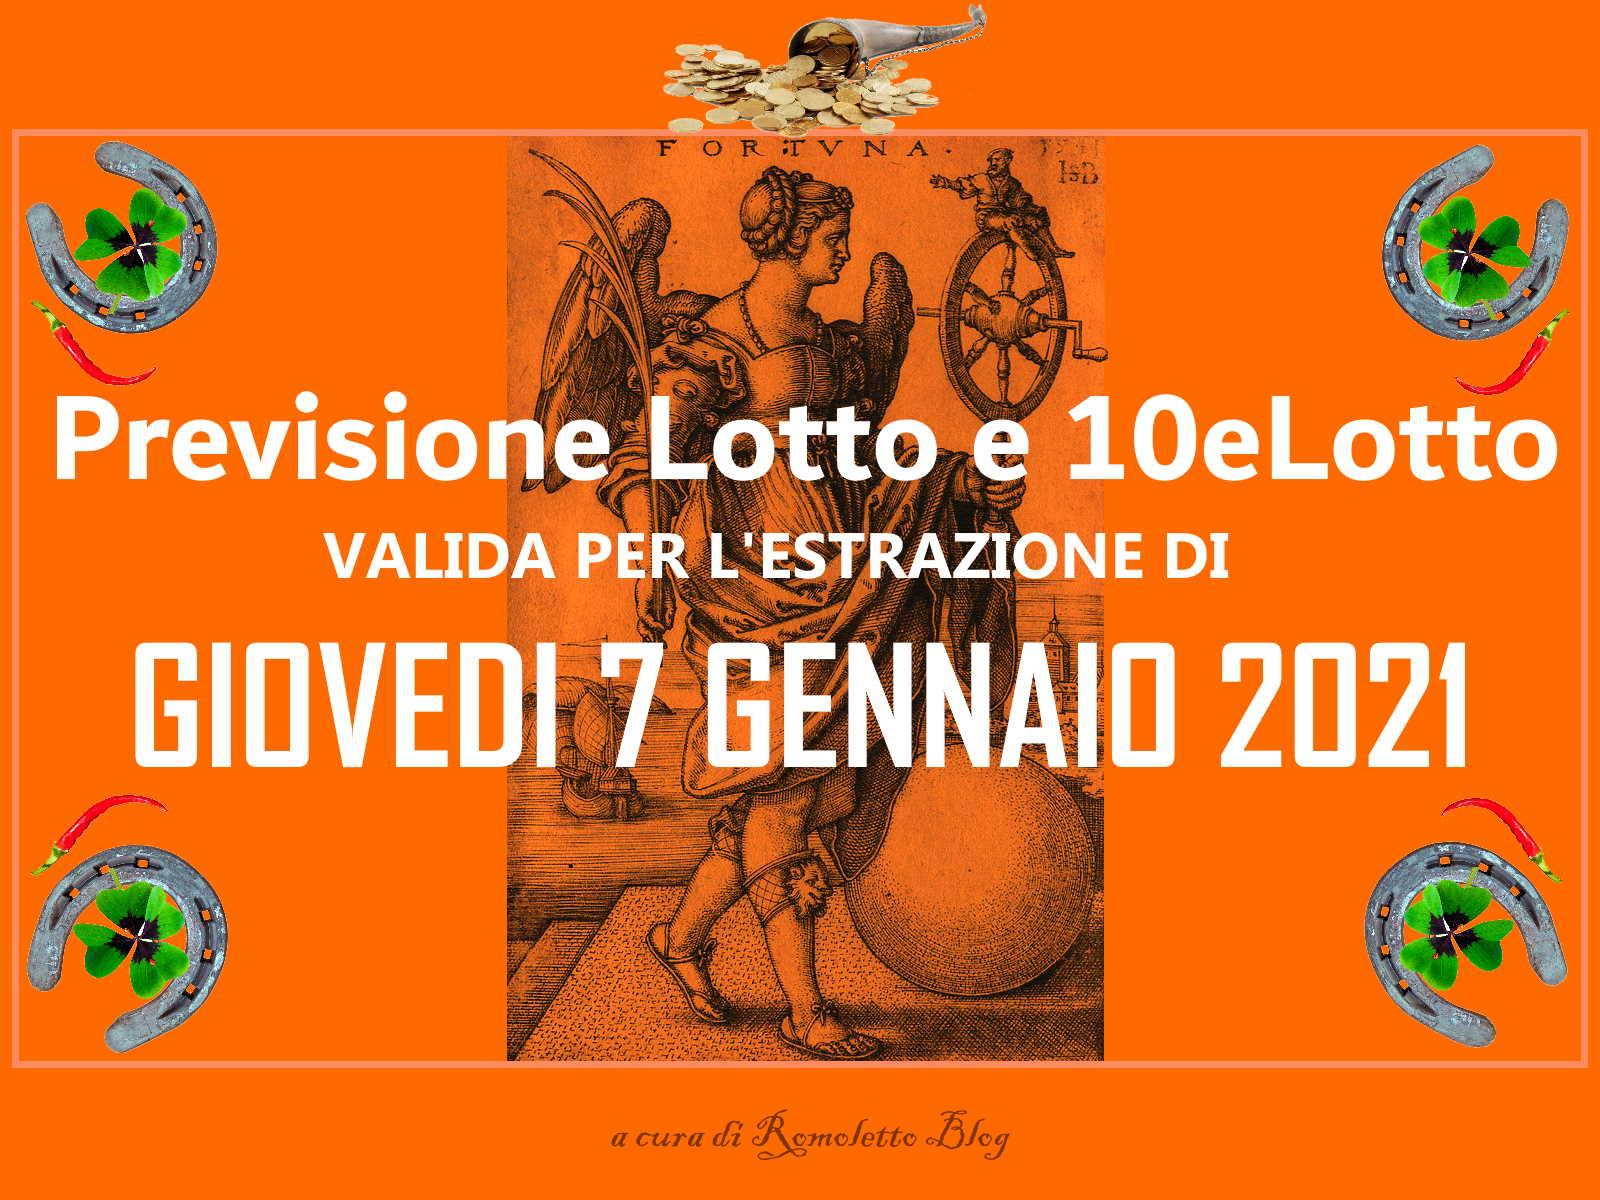 Previsione Lotto e 10eLotto del 7 Gennaio 2021